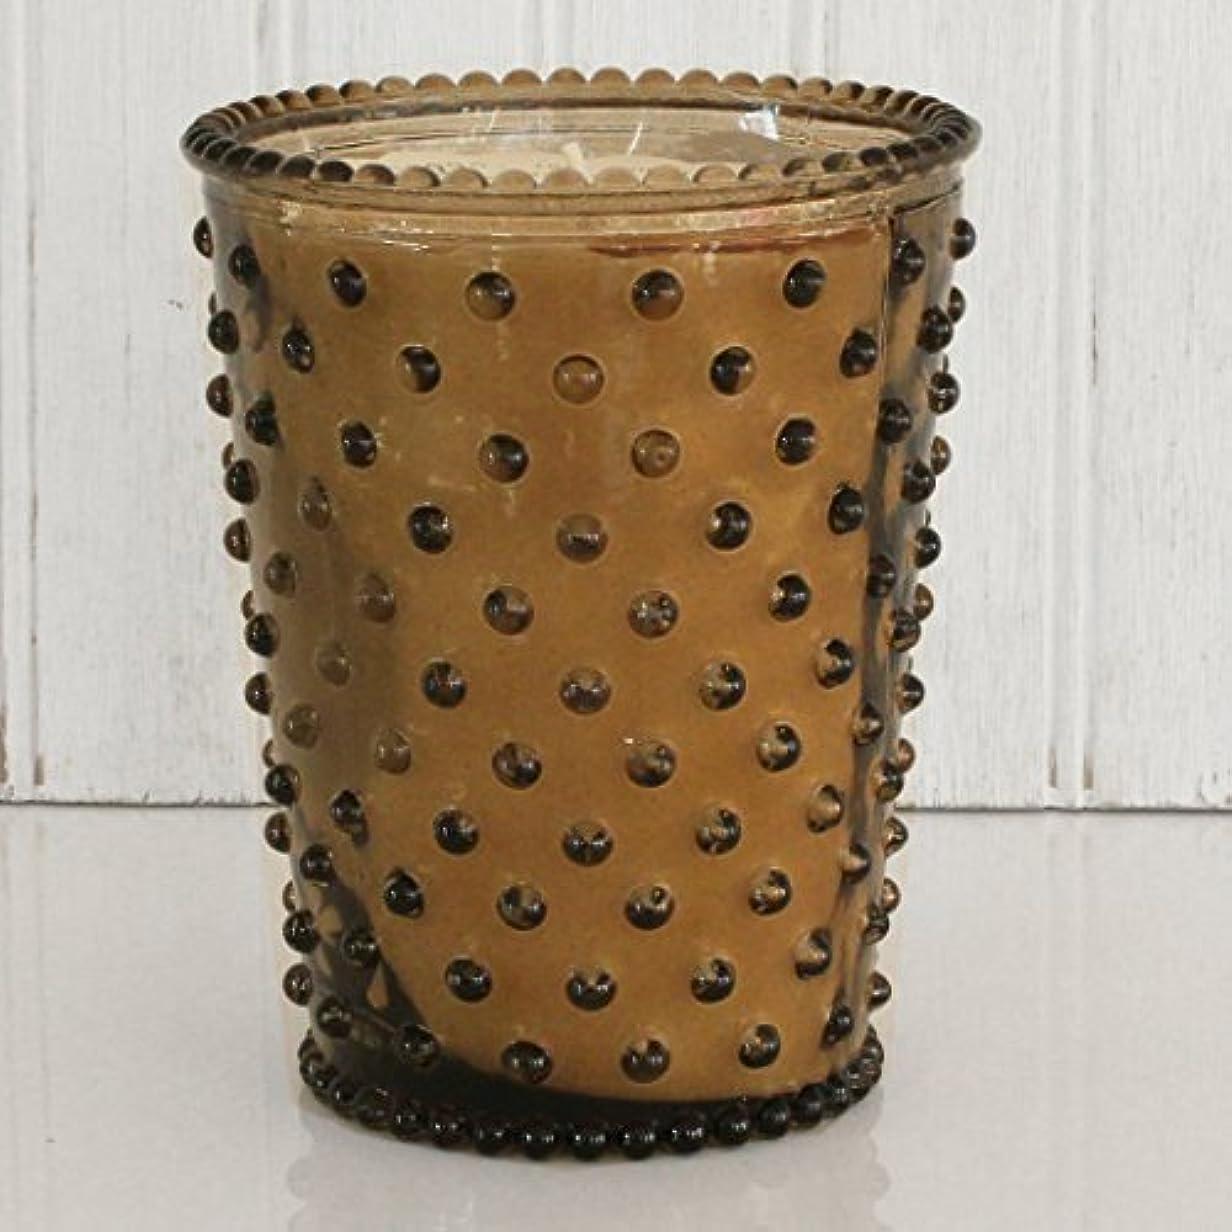 先祖祝う材料Simpatico キャンドル ホブネイルガラス ナツメグ #12 16オンス